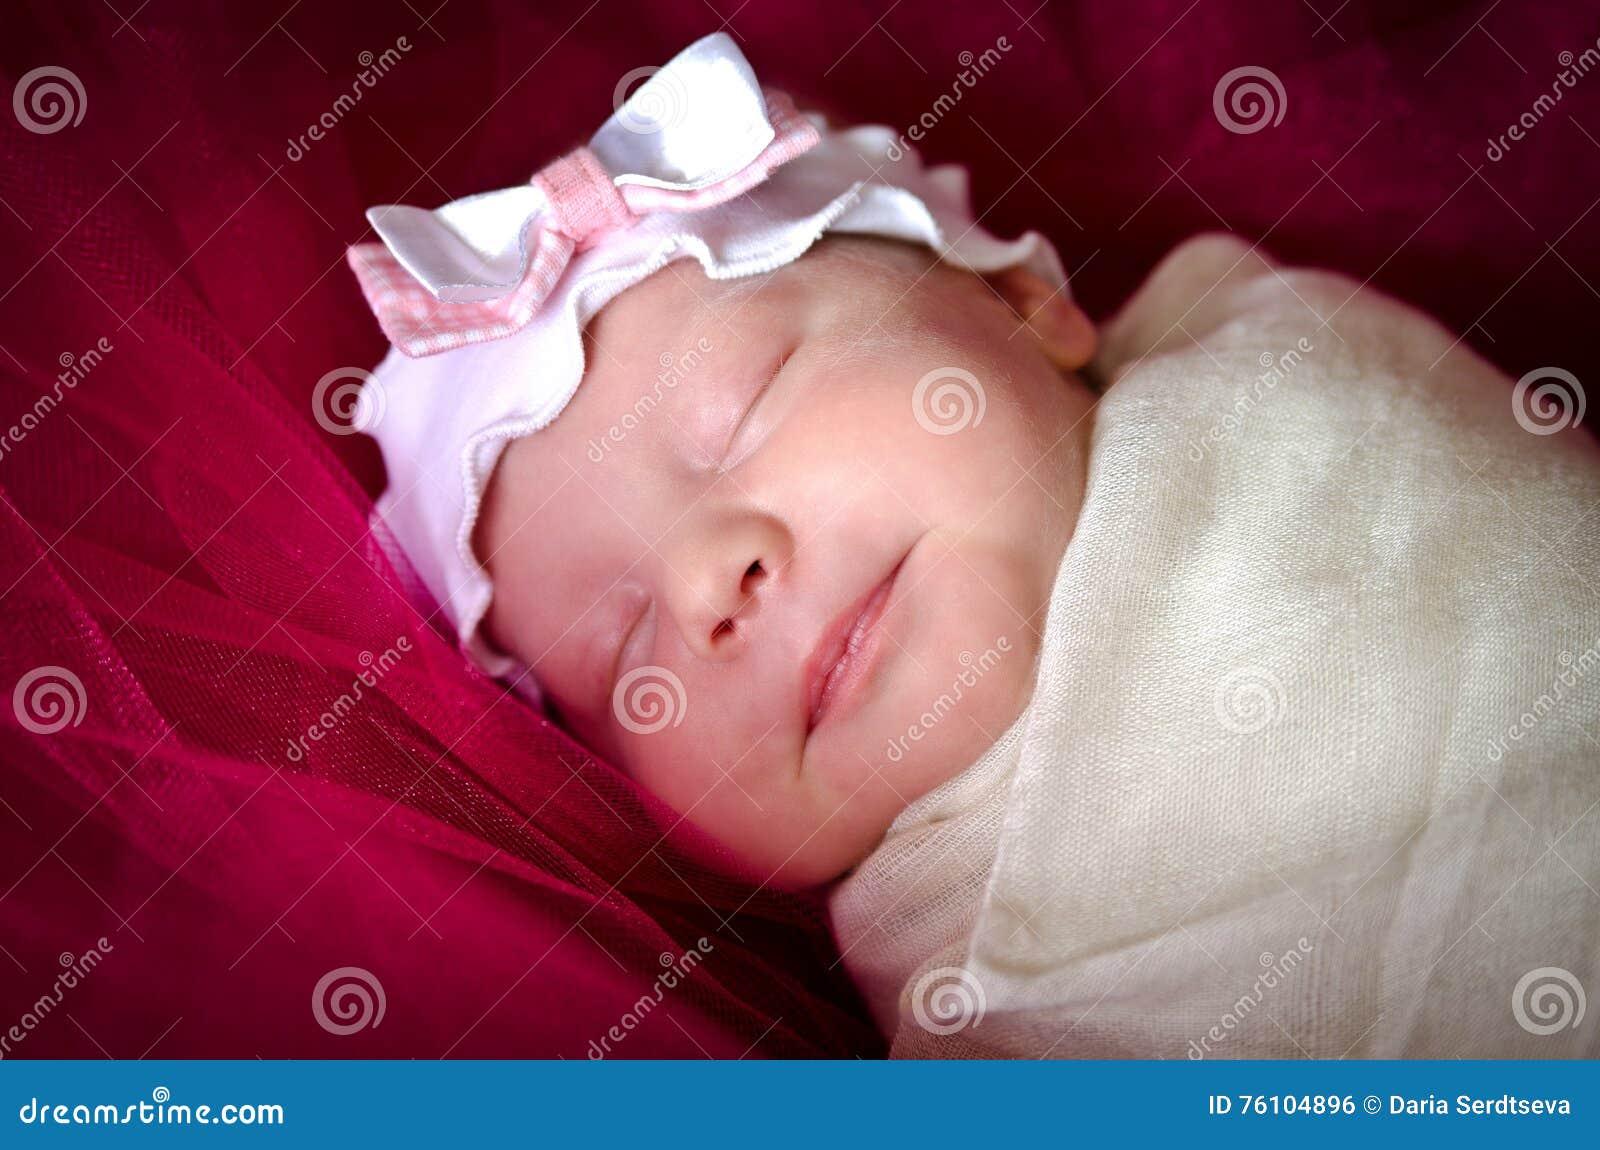 Neonata addormentata in un imbracatura sulla sua testa